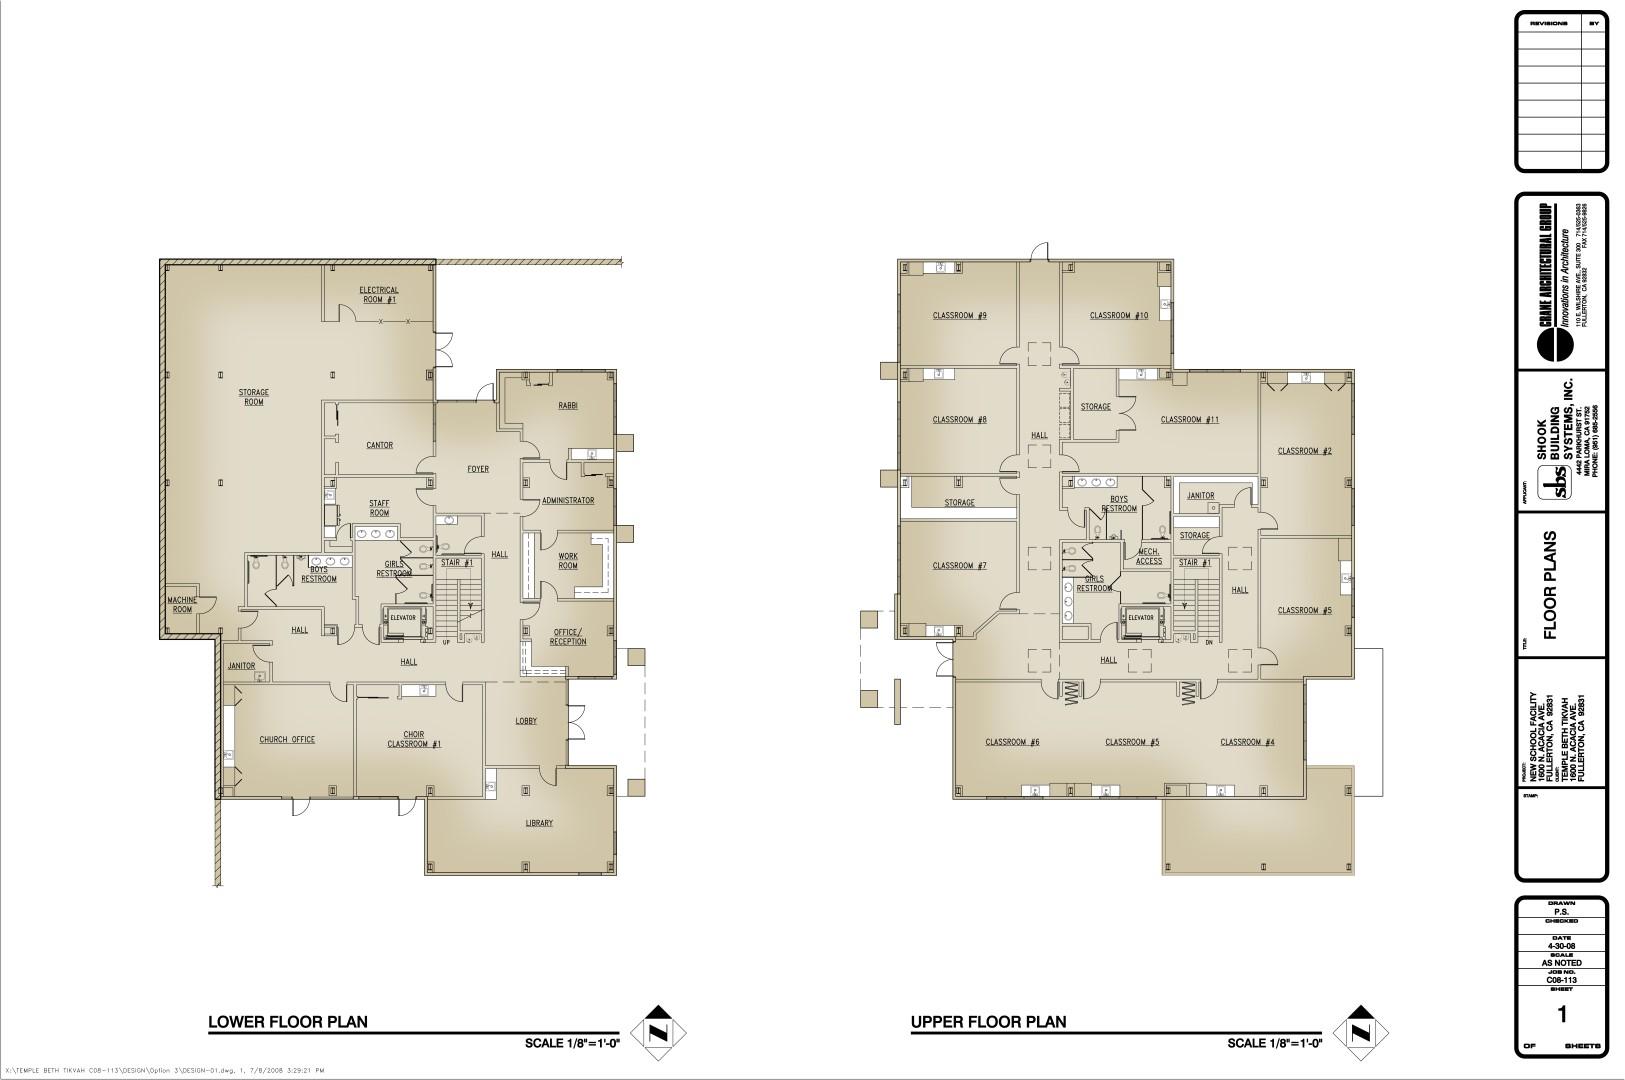 X:TEMPLE BETH TIKVAH C08-113DESIGNOption 3DESIGN-01 1 (1)